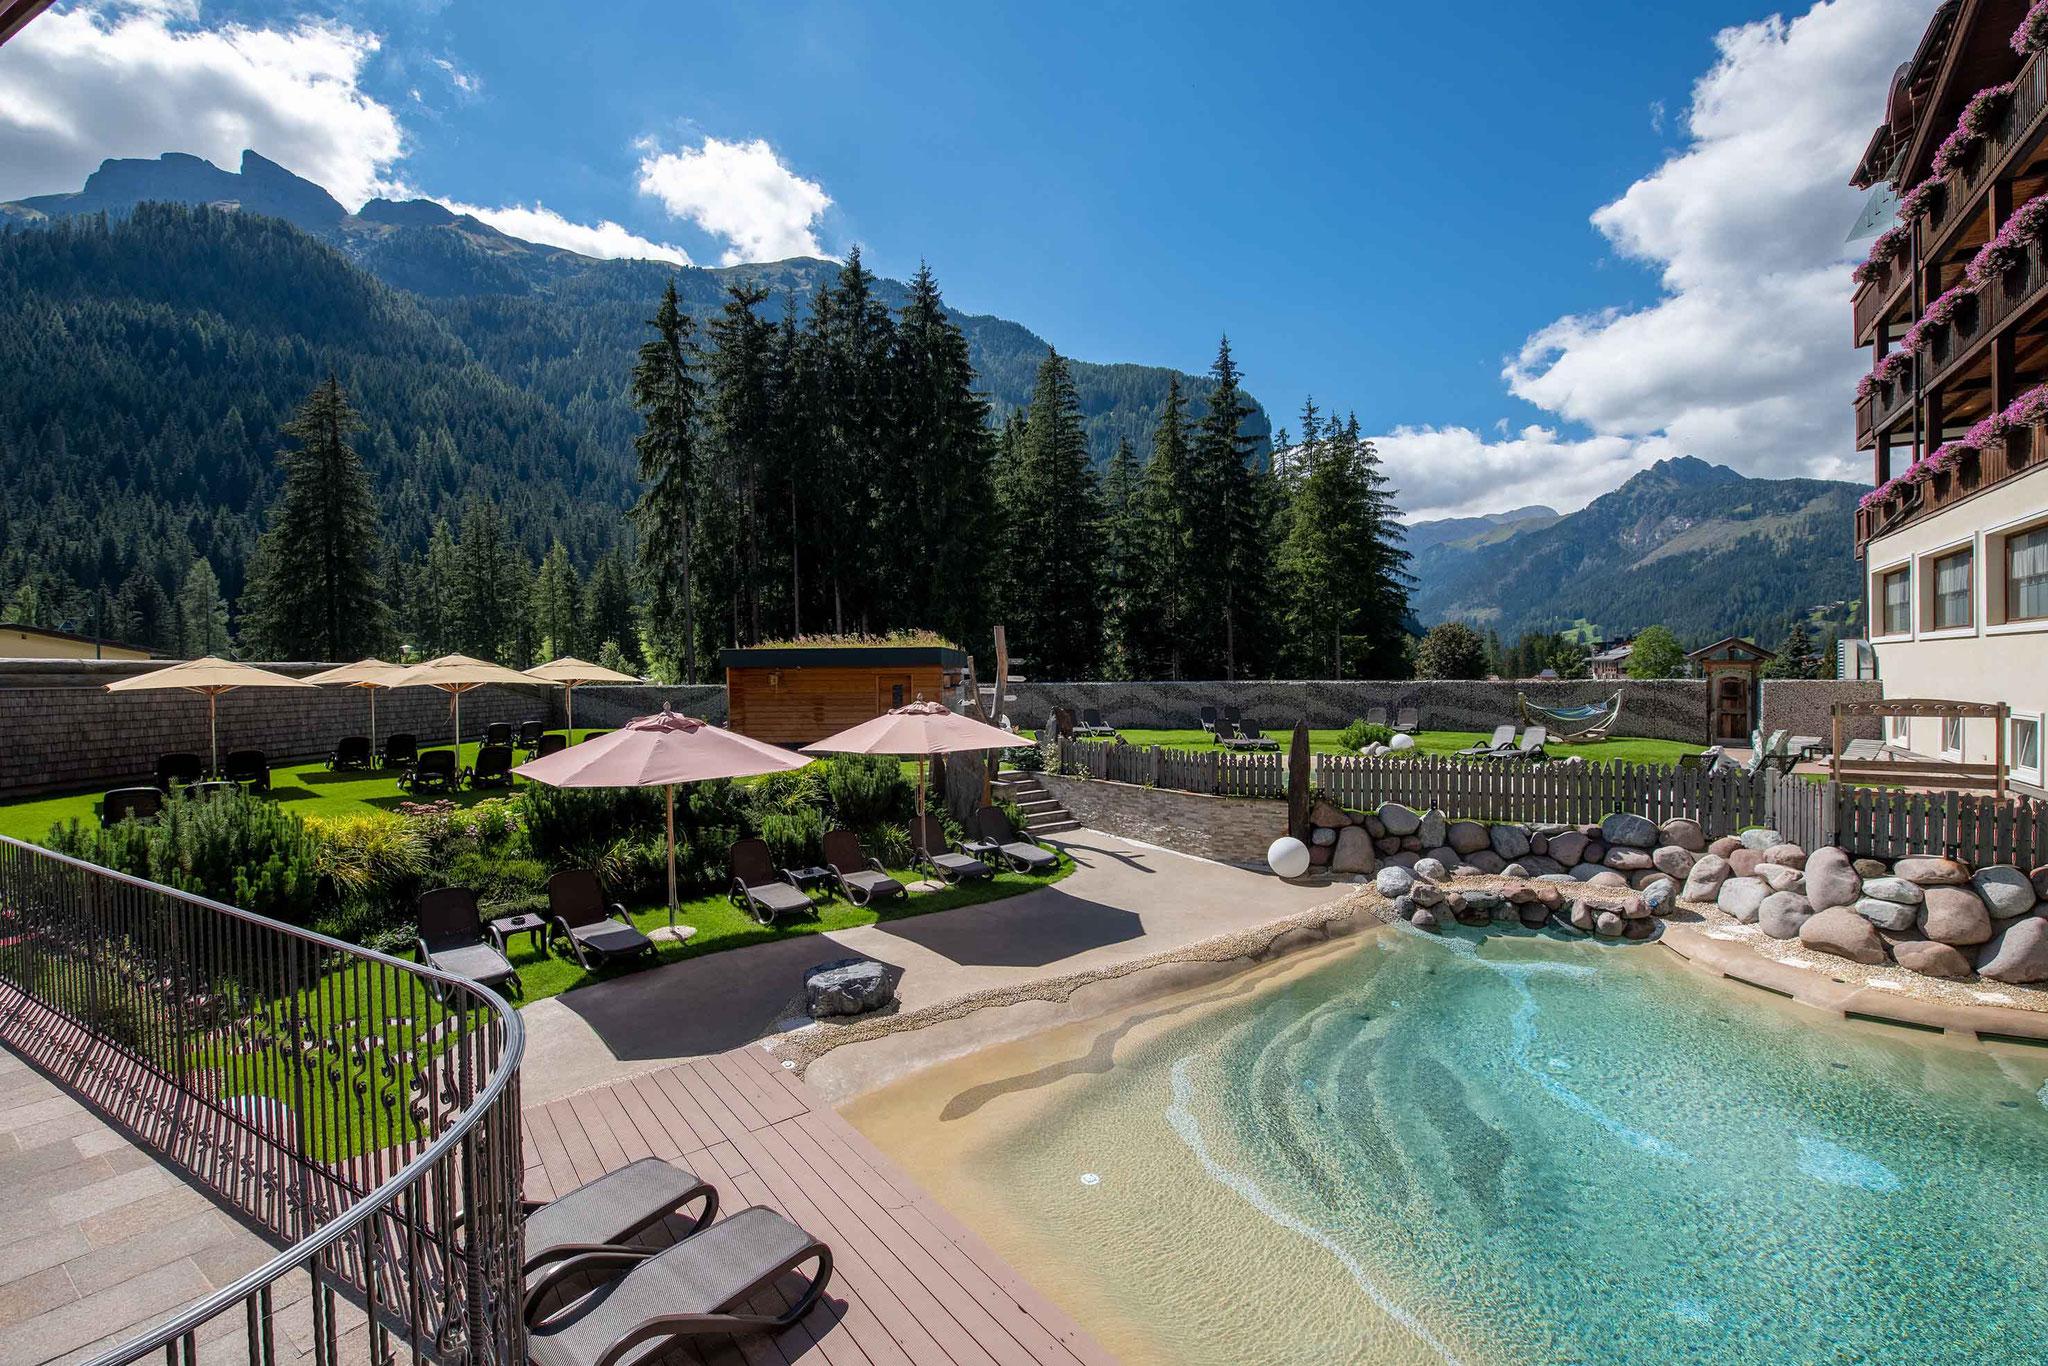 Hotel Croce Bianca - Außenschwimmbecken